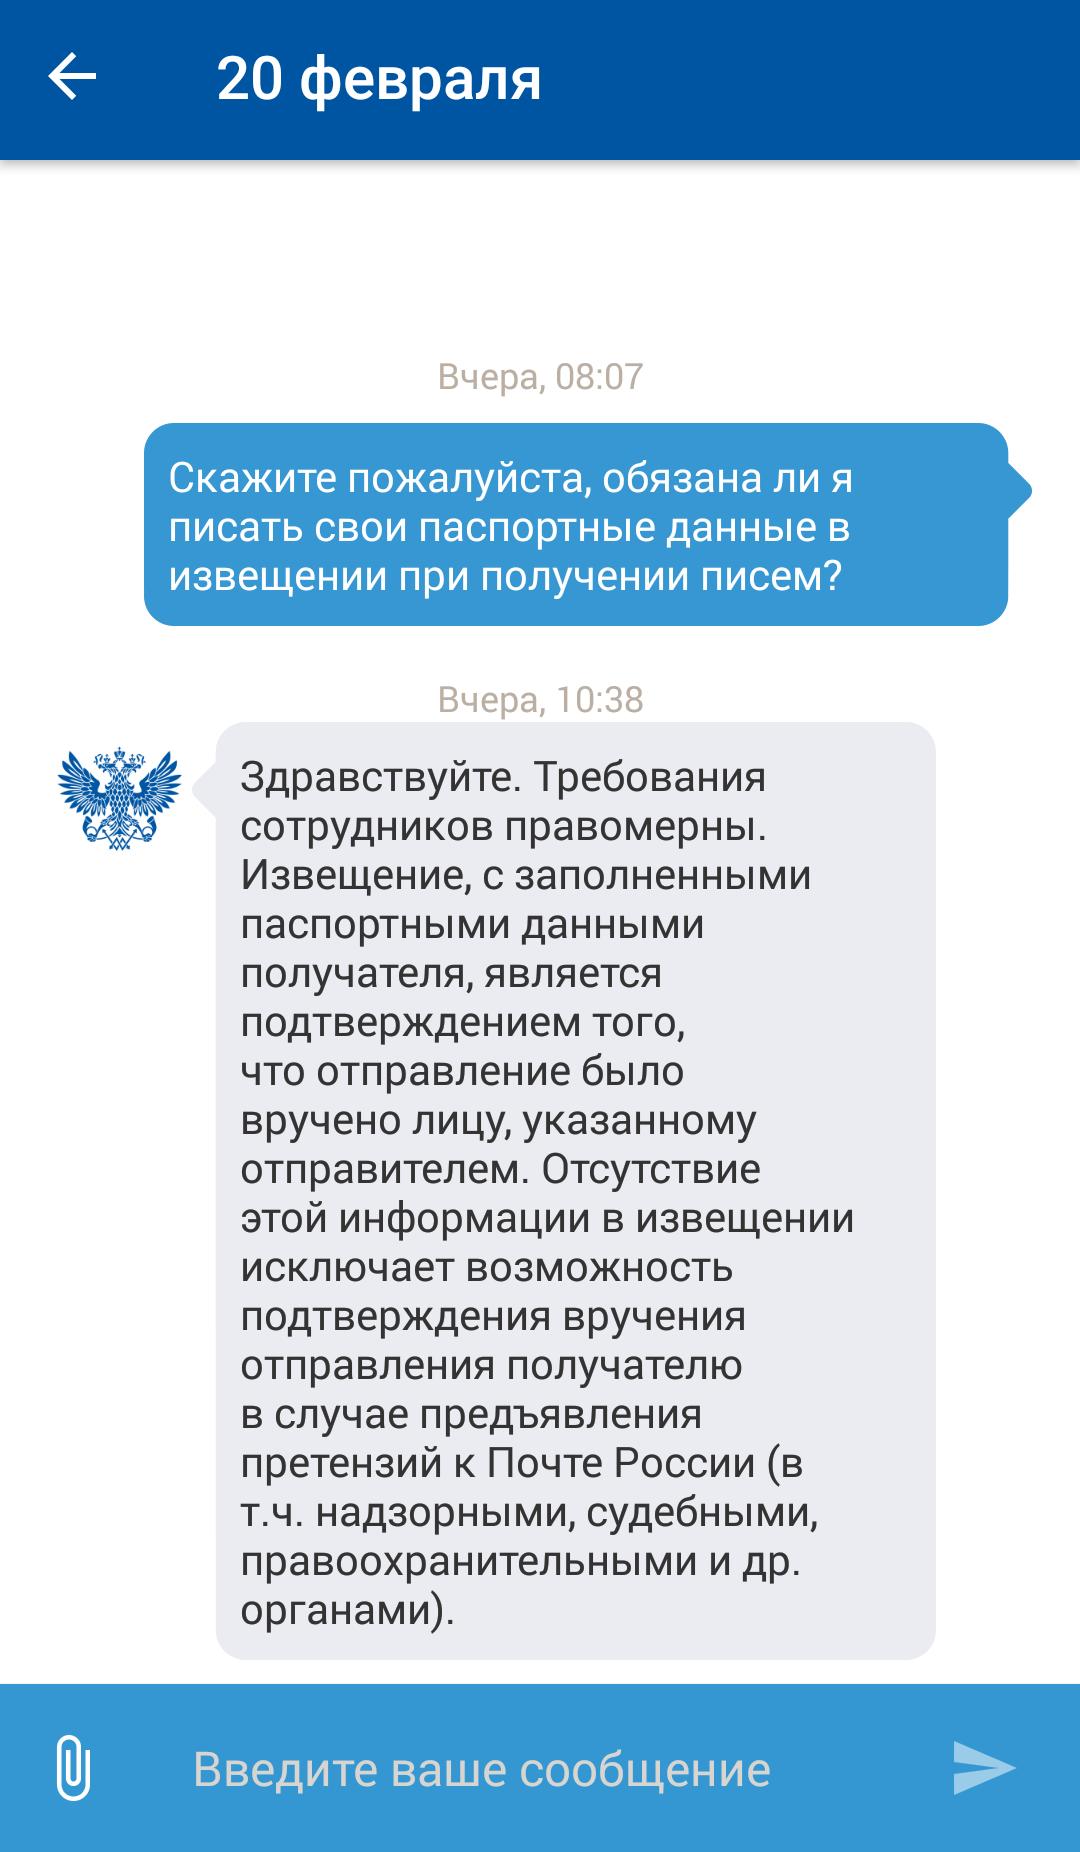 Иосифу кобзону послать письмо почтой росси